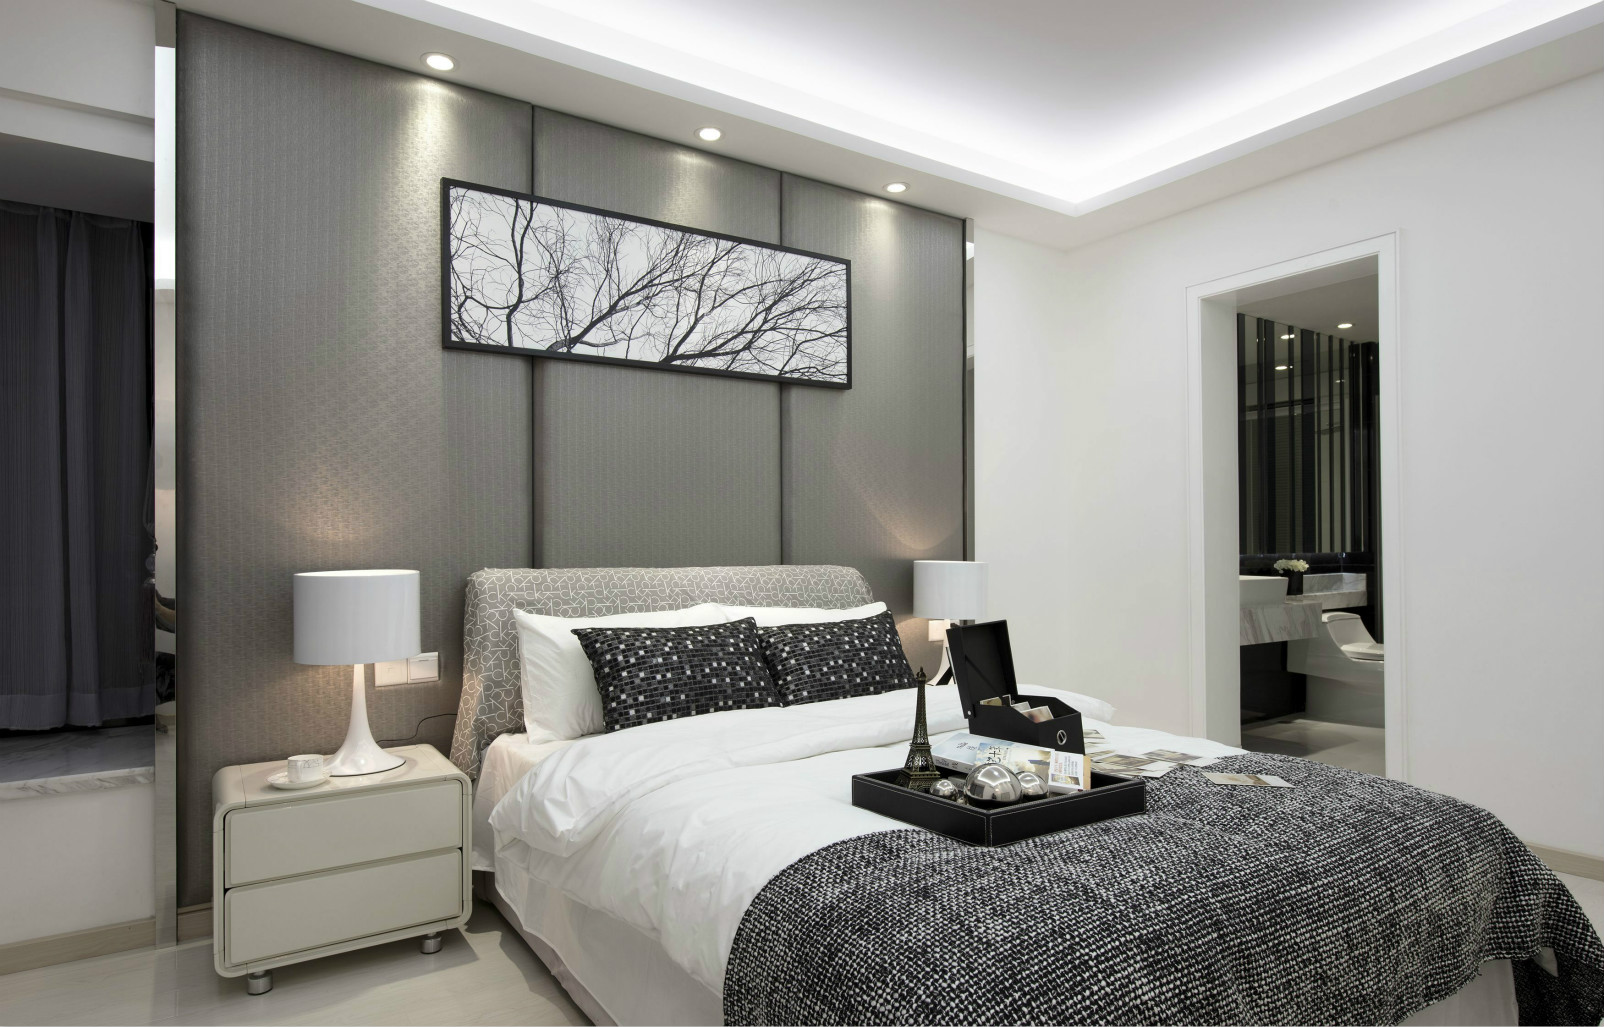 卧室中放置着简约的大床,搭配上白灰色的布艺床品,很是简约雅致。